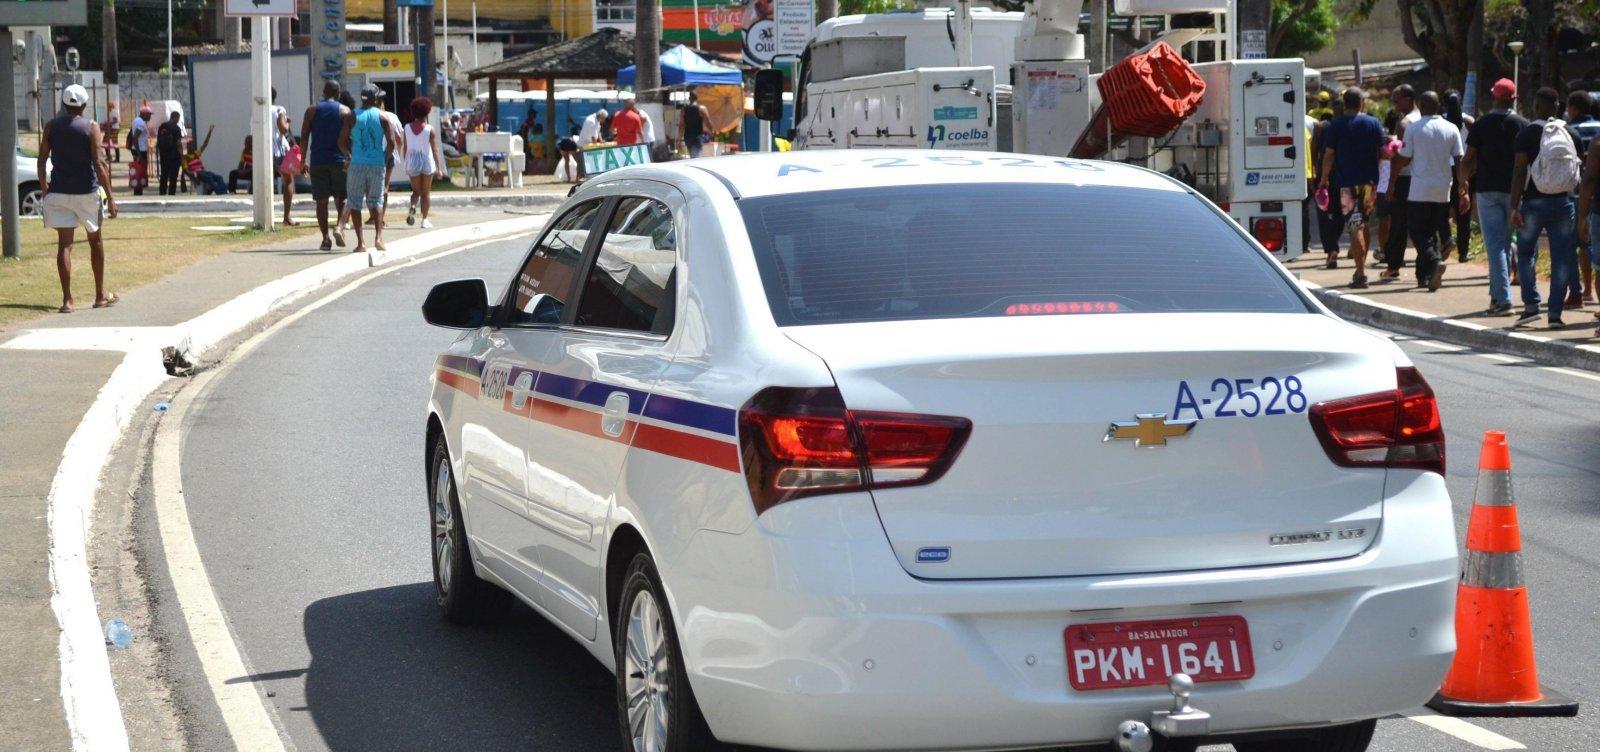 Cobrança de bandeira 2 em táxis será opcional no mês dezembro